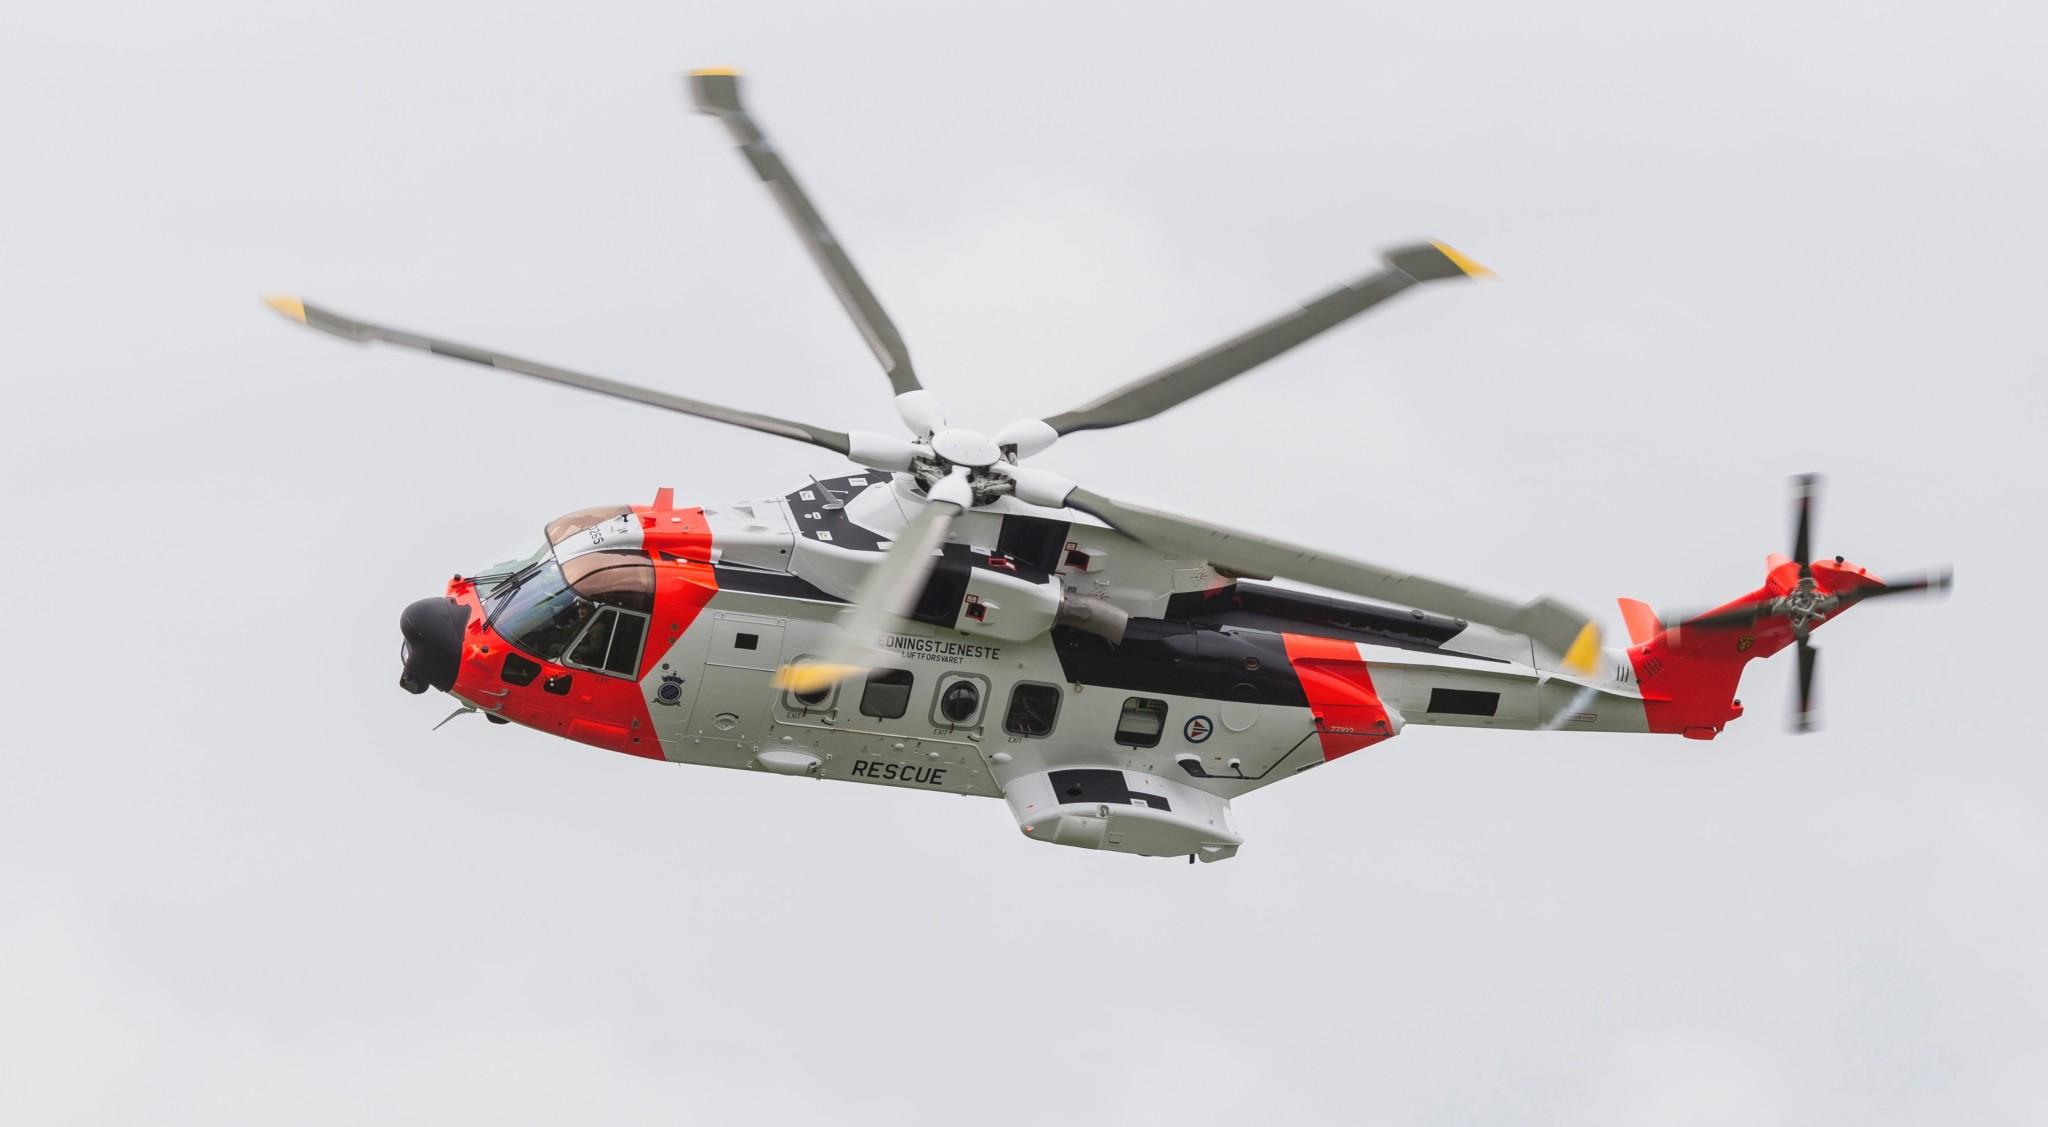 AW-101: Ny tidsalder for redningstjenesten